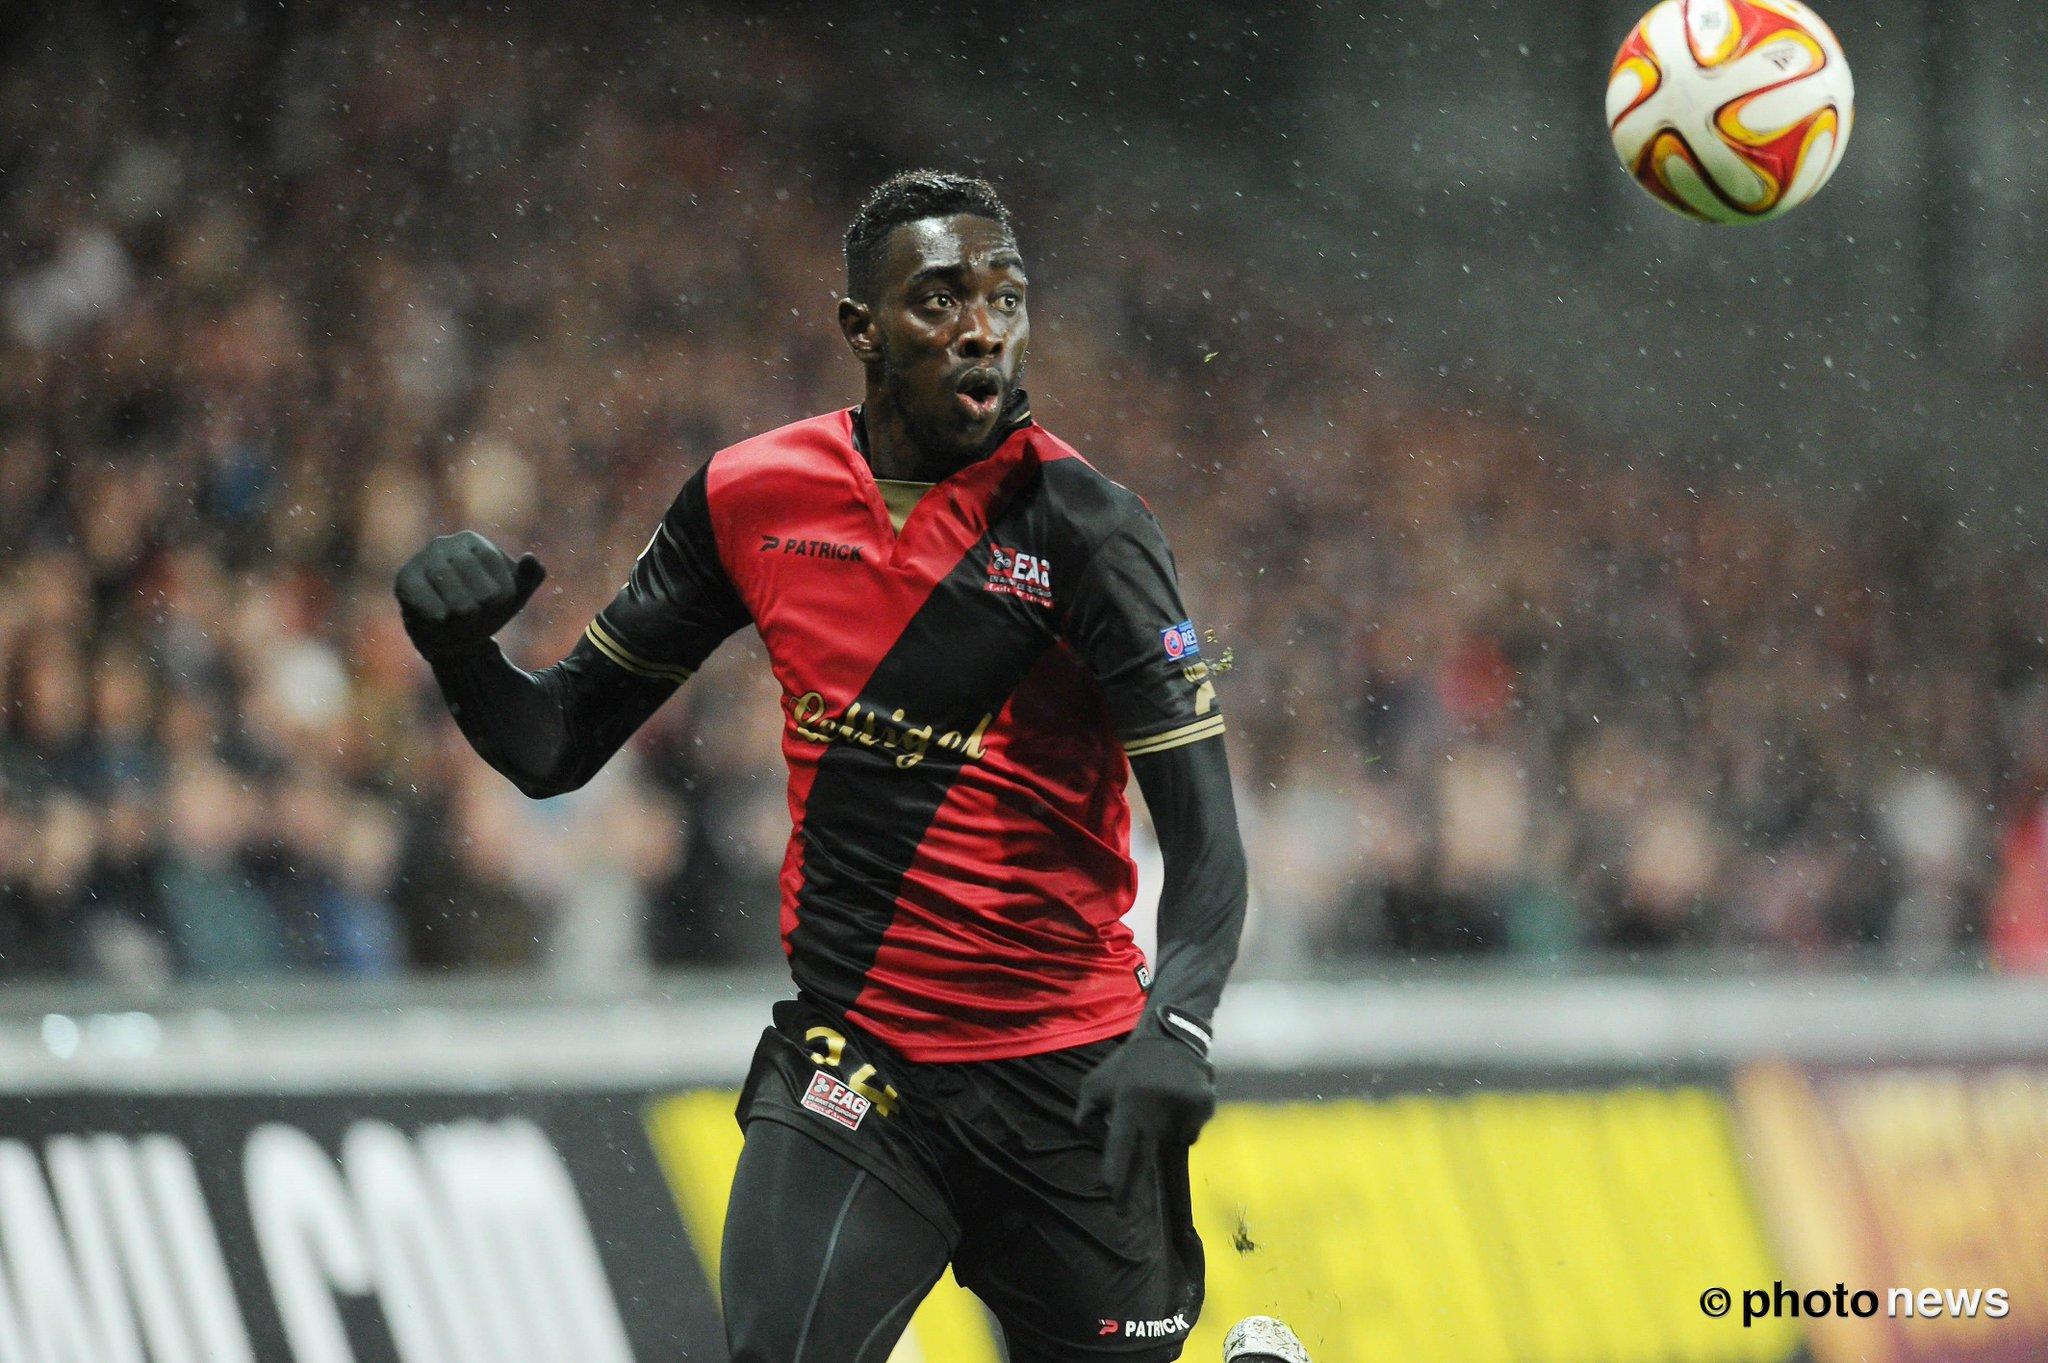 Officiel : Yatabaré rejoint le Standard !